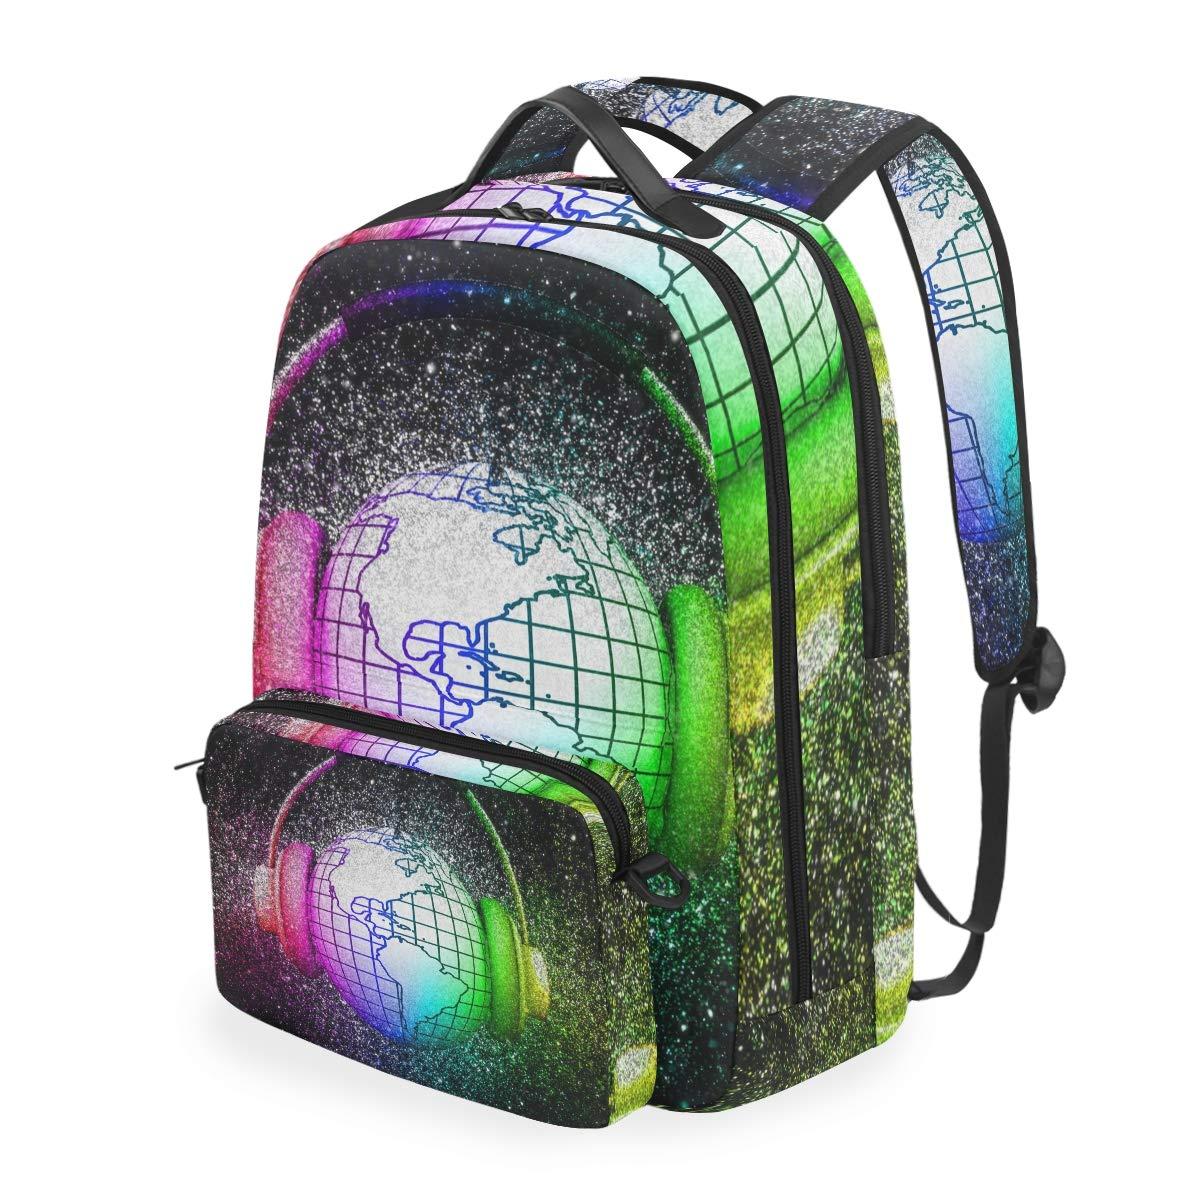 Colorful Music World Shoulder Backpack Messenger Crossbody Laptop Bag Student Bookbags for Kid Girls Boys